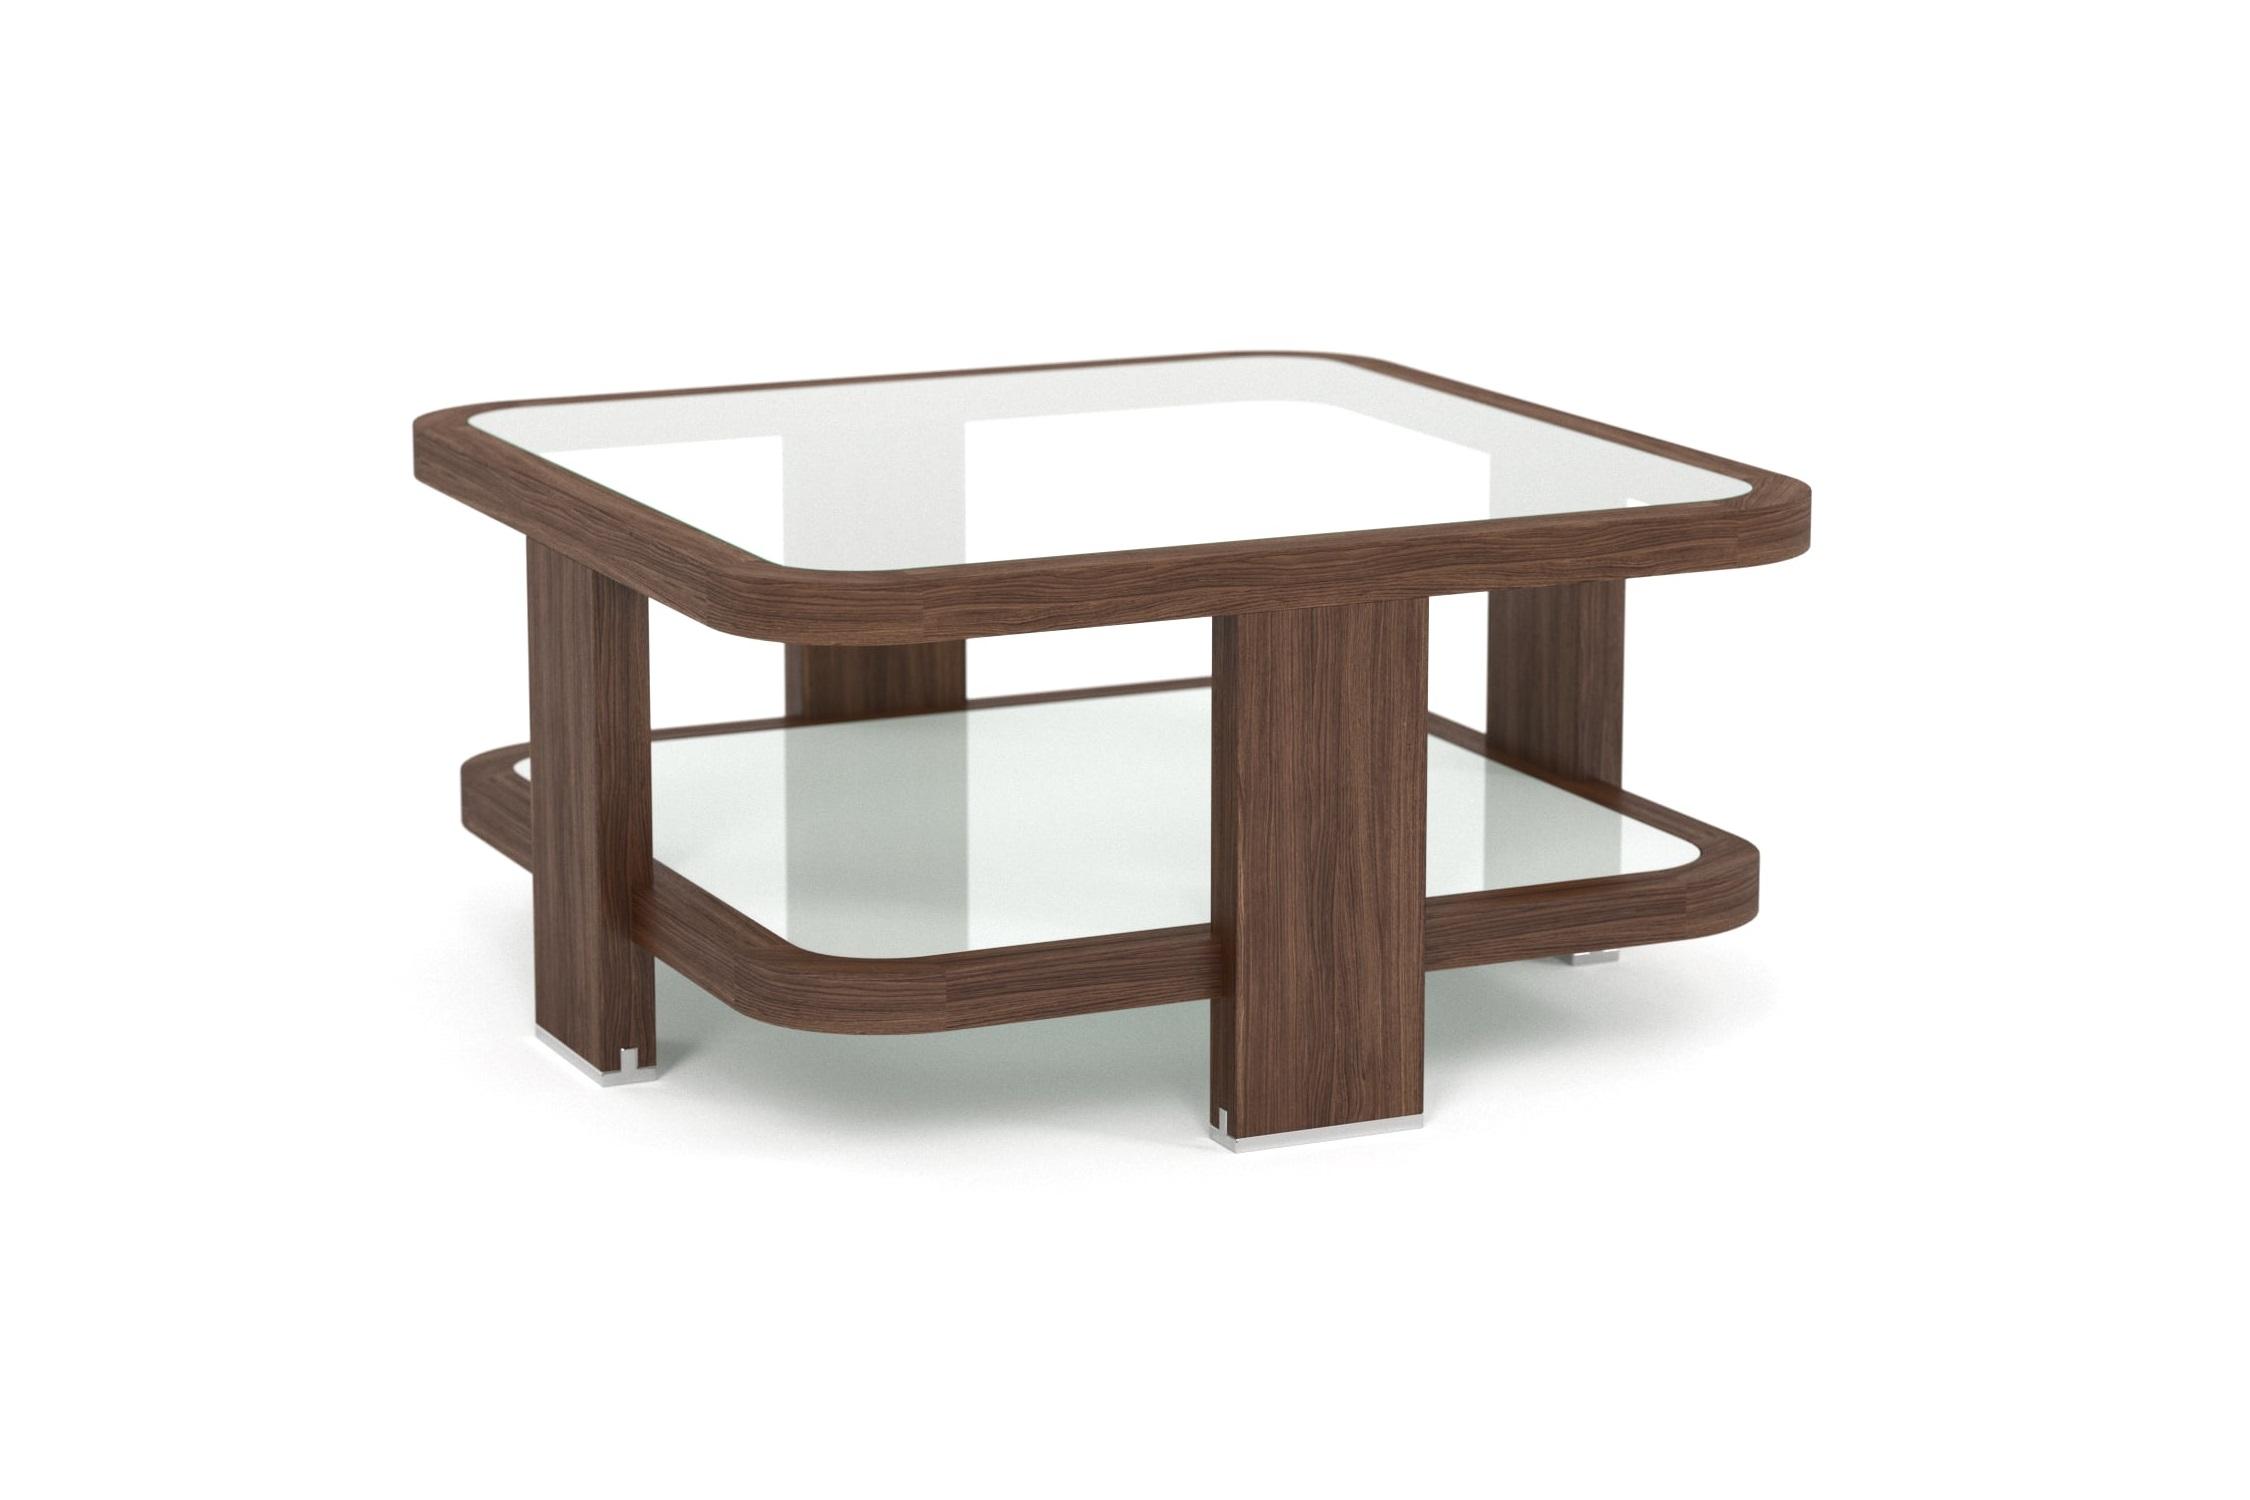 Стол журнальный LagoonЖурнальные столики<br>Коллекция Lagoon – коллекция, предназначенная для обустройства тихого уединенного места, в котором можно полностью расслабиться и забыть о суете. Дизайн продуман так, чтобы можно было выбрать множество вариаций для отдыха: загорать на шезлонге или расположиться на удобном диване, подремать в кресле или понежиться на кушетке.&amp;amp;nbsp;&amp;lt;div&amp;gt;&amp;lt;br&amp;gt;&amp;lt;/div&amp;gt;&amp;lt;div&amp;gt;&amp;amp;nbsp;Ироко – экзотическая золотисто-коричневатая/оливково-коричневая древесина с золотистым оттенком.Мебель из ироко допускает круглогодичную эксплуатацию на открытом воздухе, выдерживает перепады температур от –30 до +30С.&amp;amp;nbsp;&amp;lt;/div&amp;gt;&amp;lt;div&amp;gt;Срок службы более 20 лет.&amp;amp;nbsp;&amp;lt;/div&amp;gt;<br><br>Material: Ироко<br>Ширина см: 80.0<br>Высота см: 40.0<br>Глубина см: 80.0